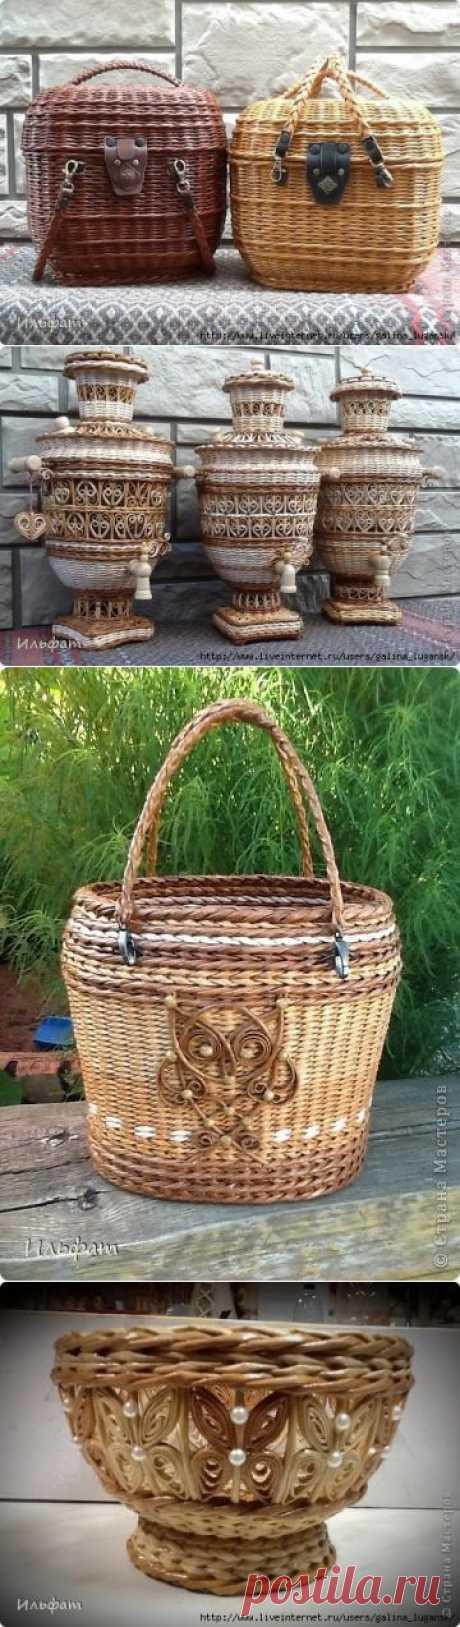 Чудесные работы мастера по плетению из газетных трубочек Ильфата.